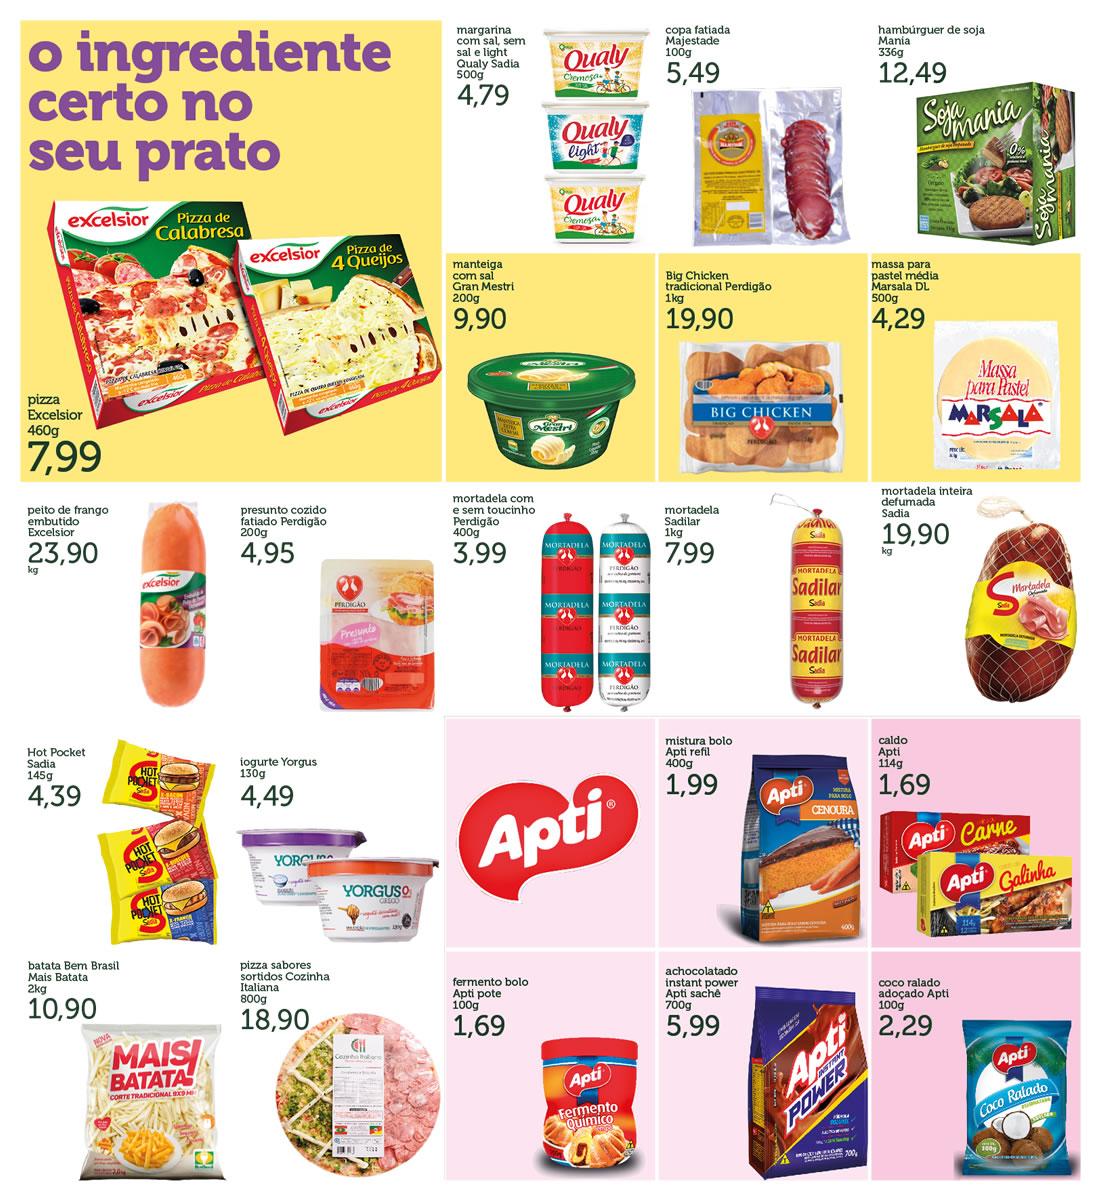 caita_supermercados_tabloide_bento_julho2018_04